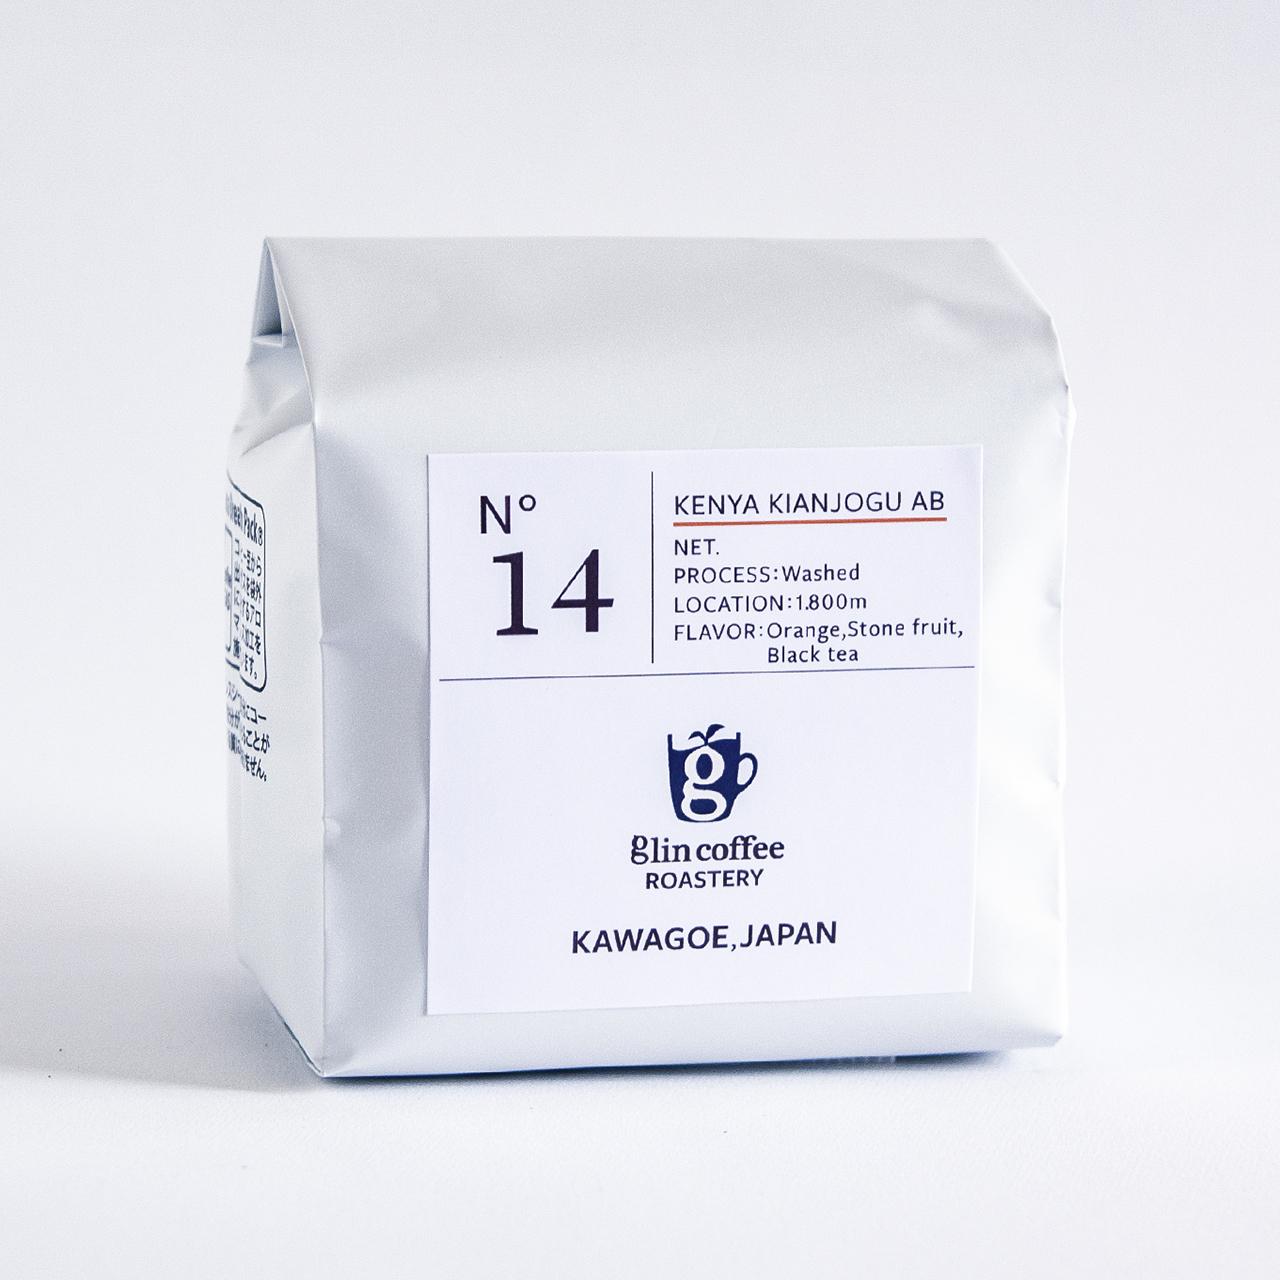 No.14 ケニア キアンジョグ AB 150g 『浅煎り』